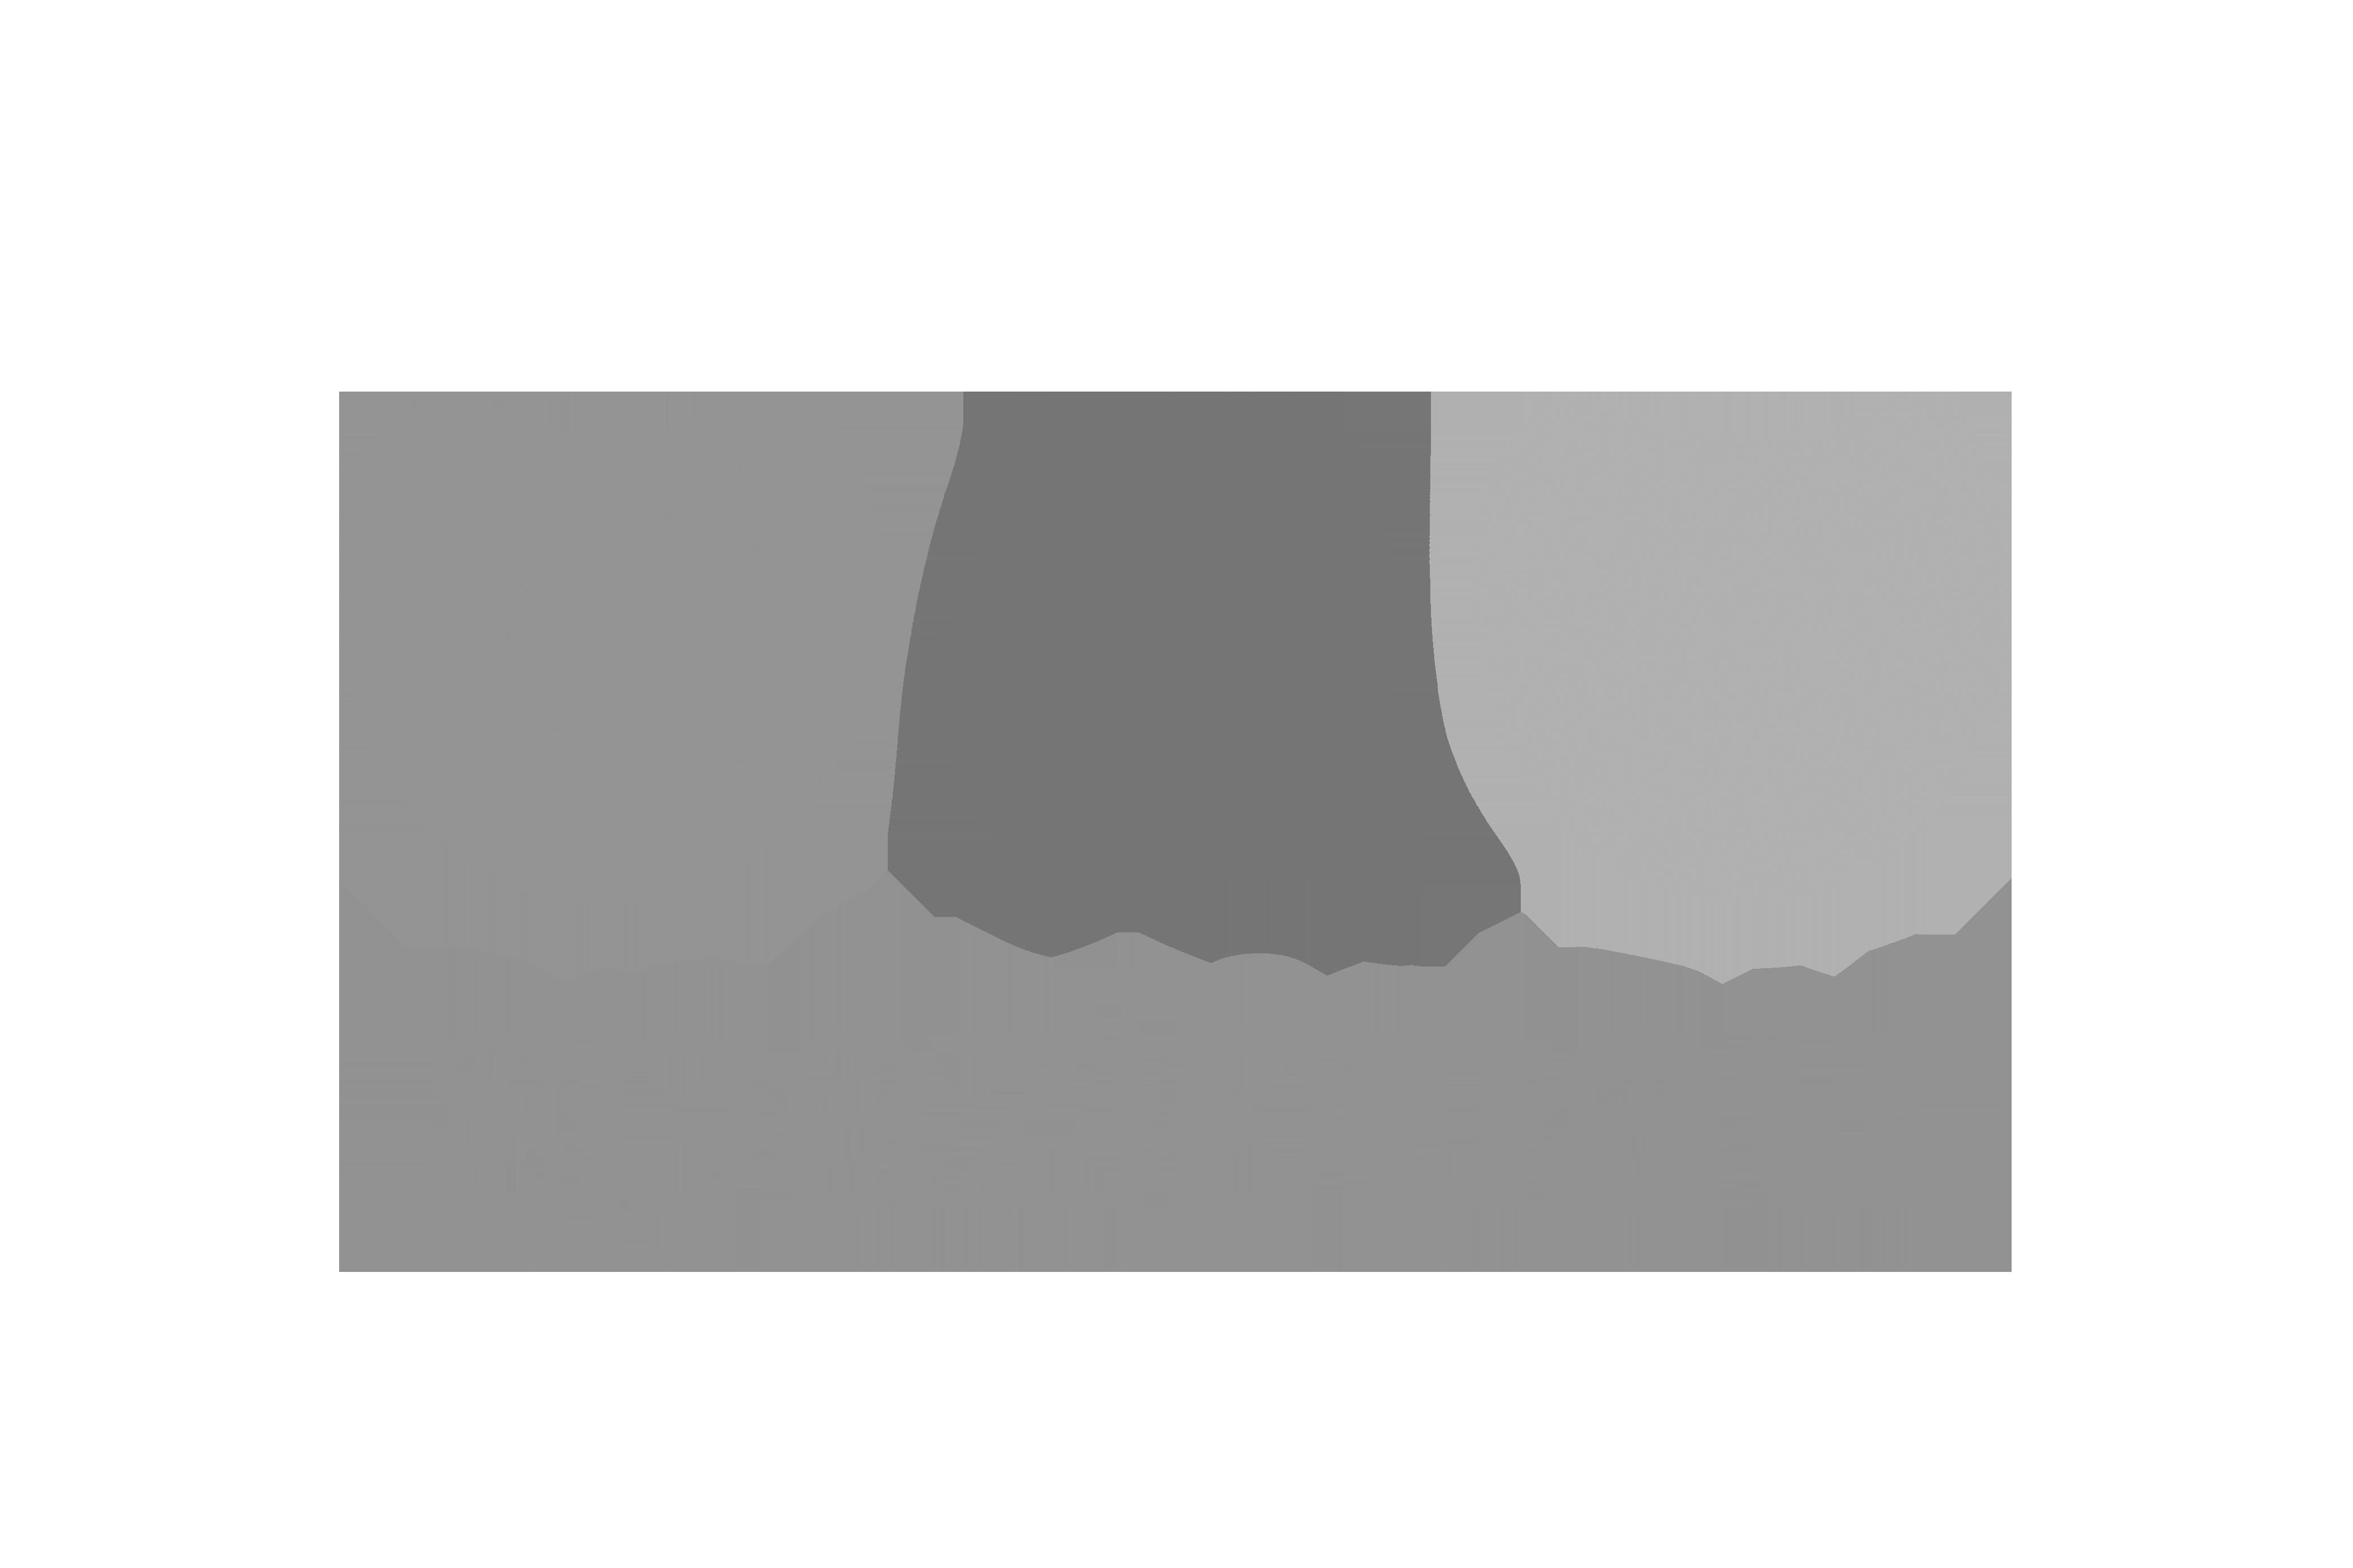 L_spaziouau